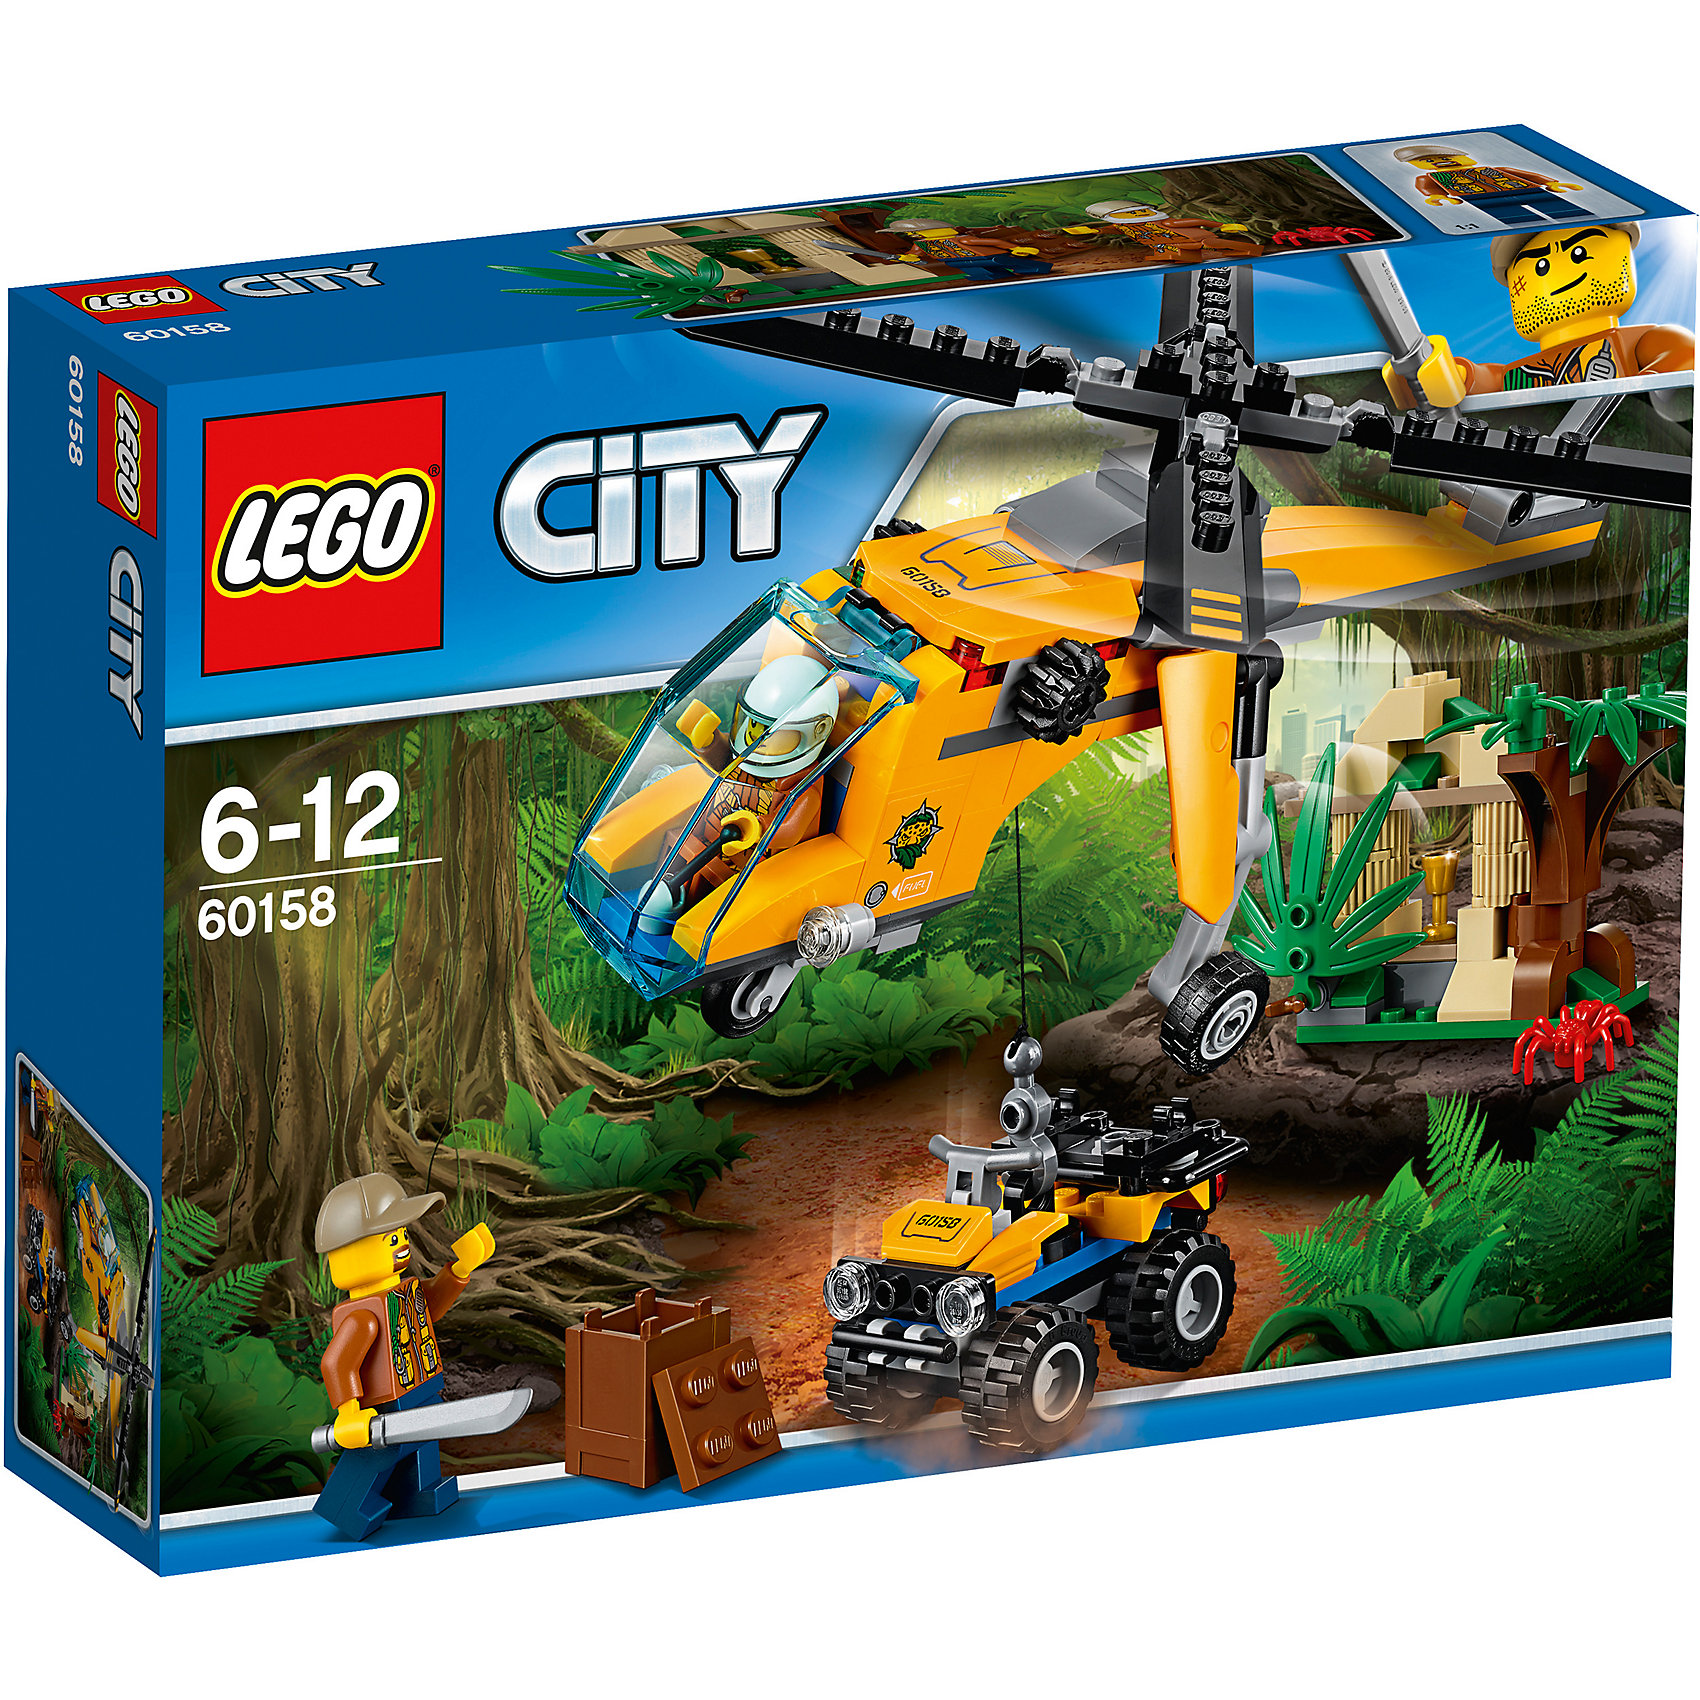 LEGO City 60158: Грузовой вертолёт исследователей джунглейПластмассовые конструкторы<br><br><br>Ширина мм: 264<br>Глубина мм: 195<br>Высота мм: 66<br>Вес г: 332<br>Возраст от месяцев: 72<br>Возраст до месяцев: 144<br>Пол: Мужской<br>Возраст: Детский<br>SKU: 5620026